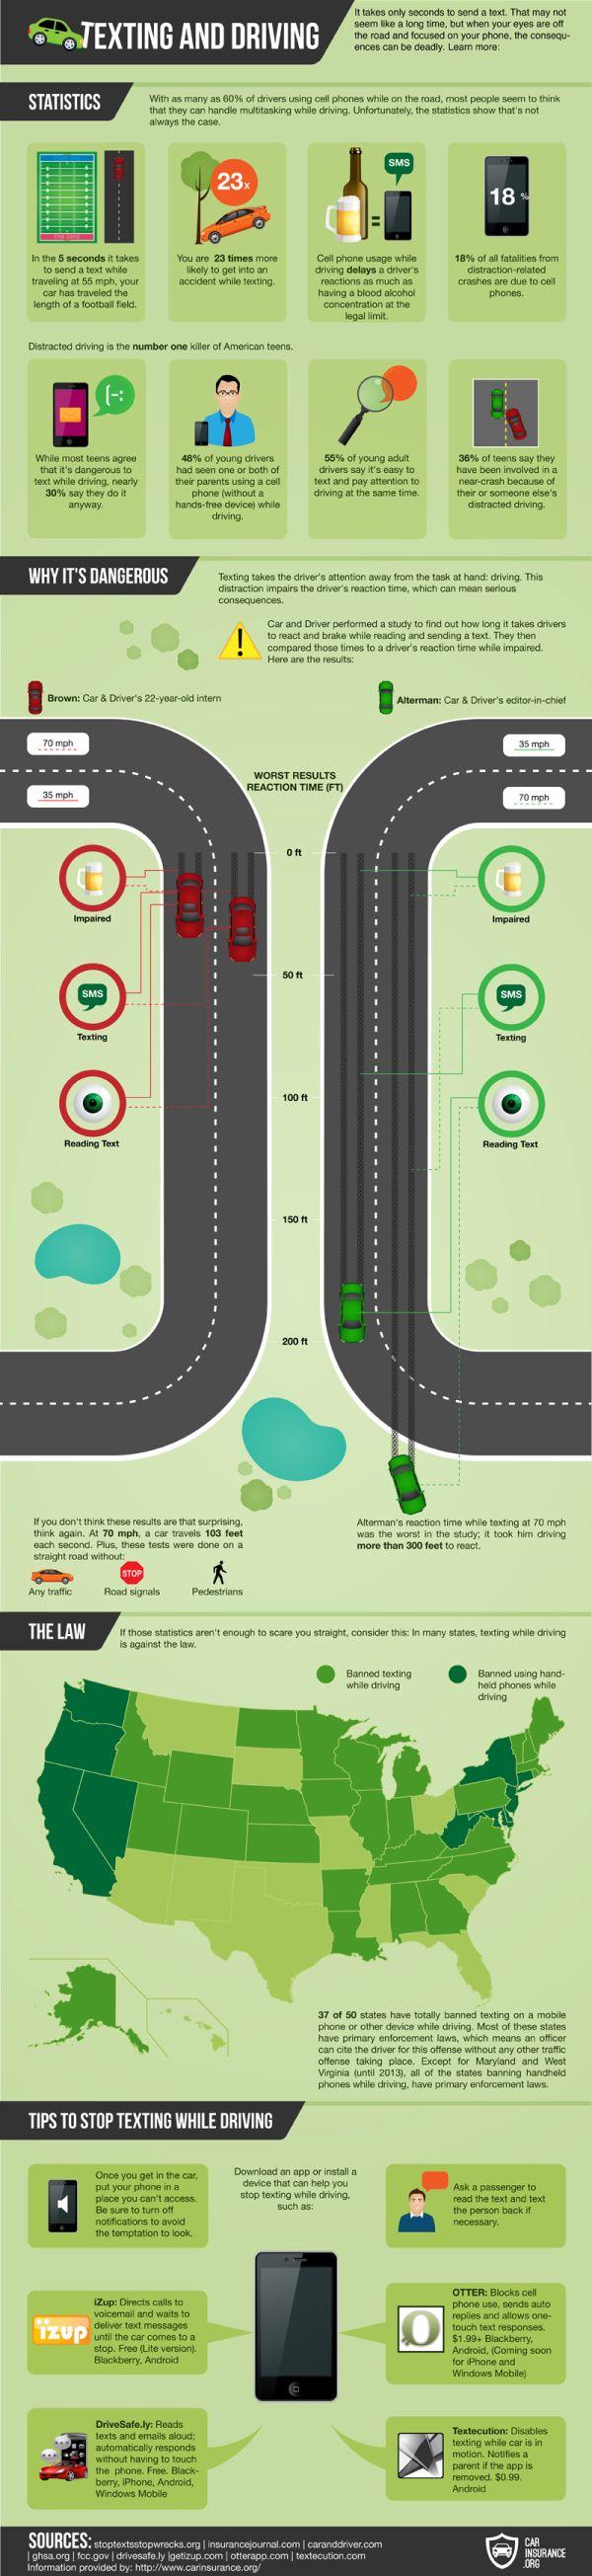 Pisanie a prowadzenie samochodów